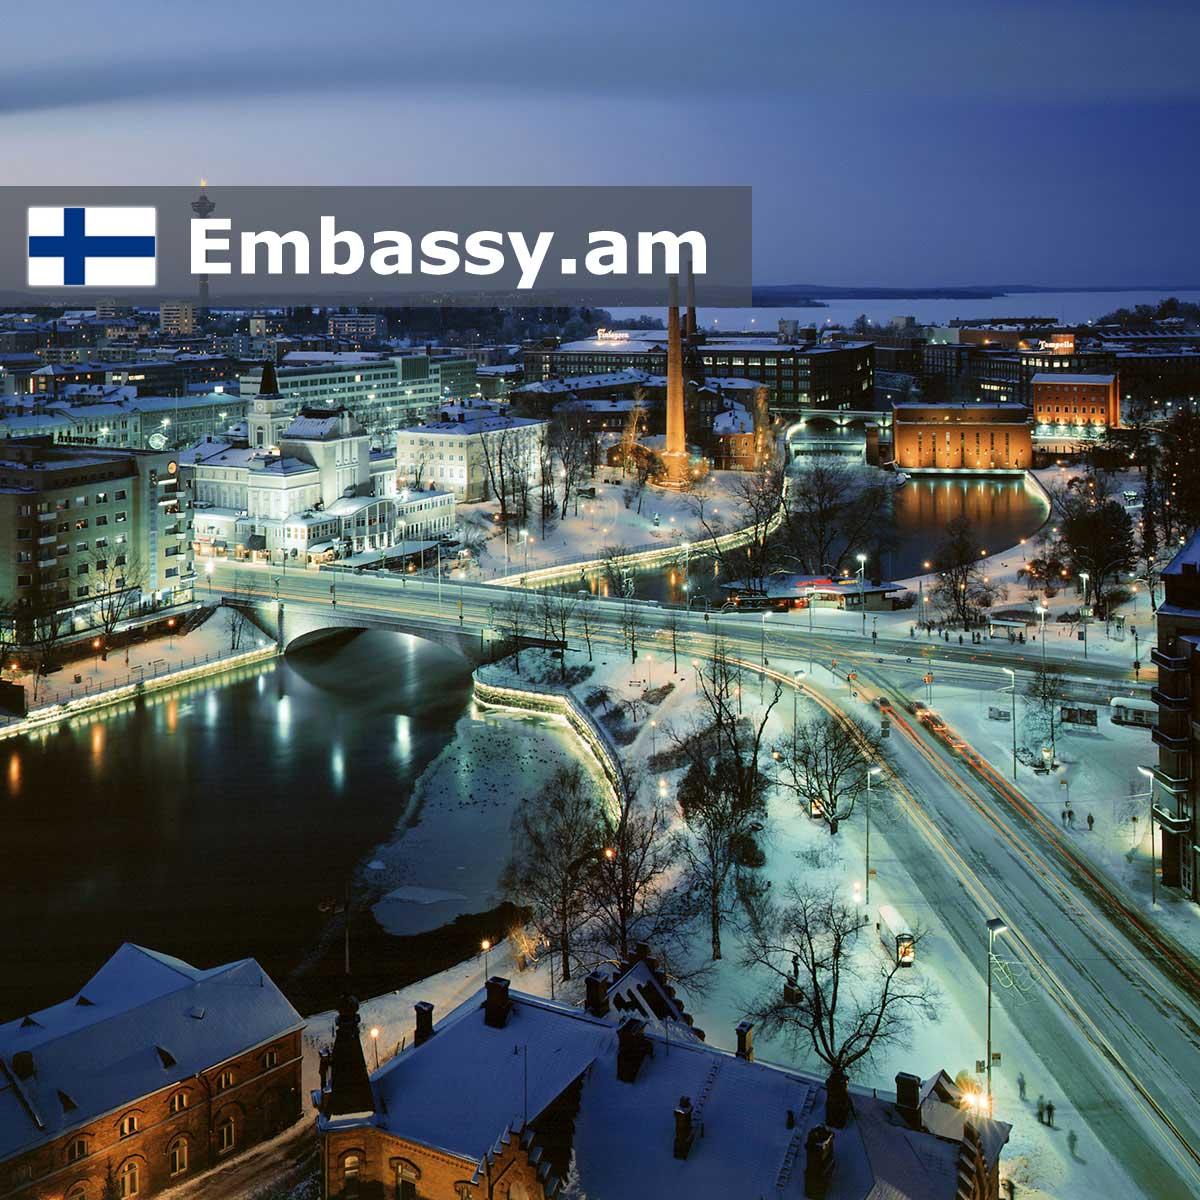 Тампере - Отели в Финляндии - Embassy.am